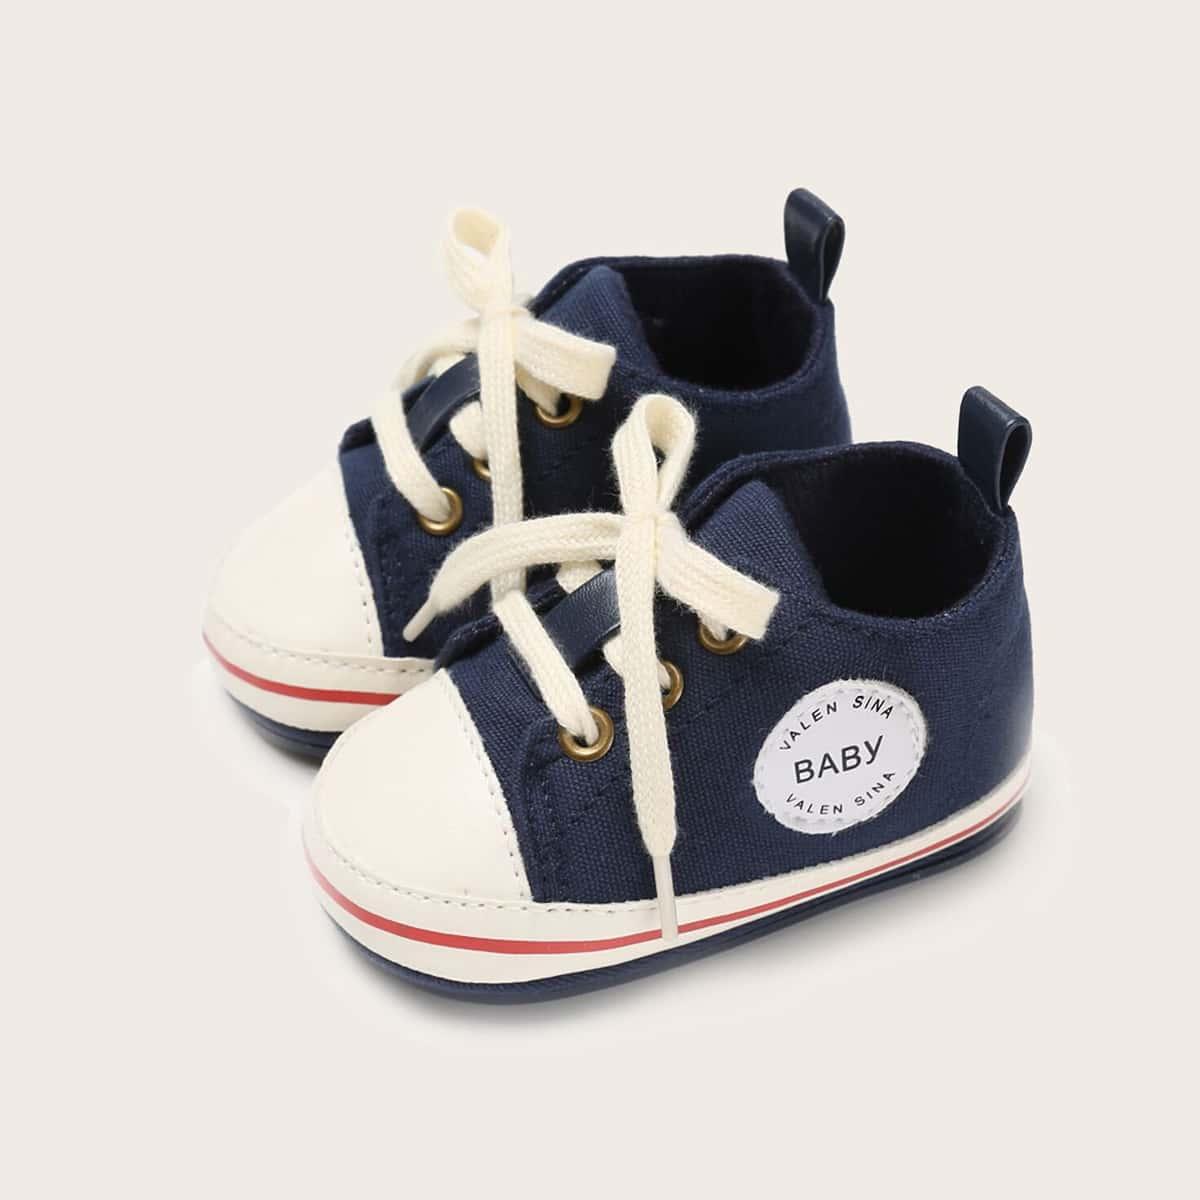 Кроссовки на шнурках с текстовой заплатой для мальчиков